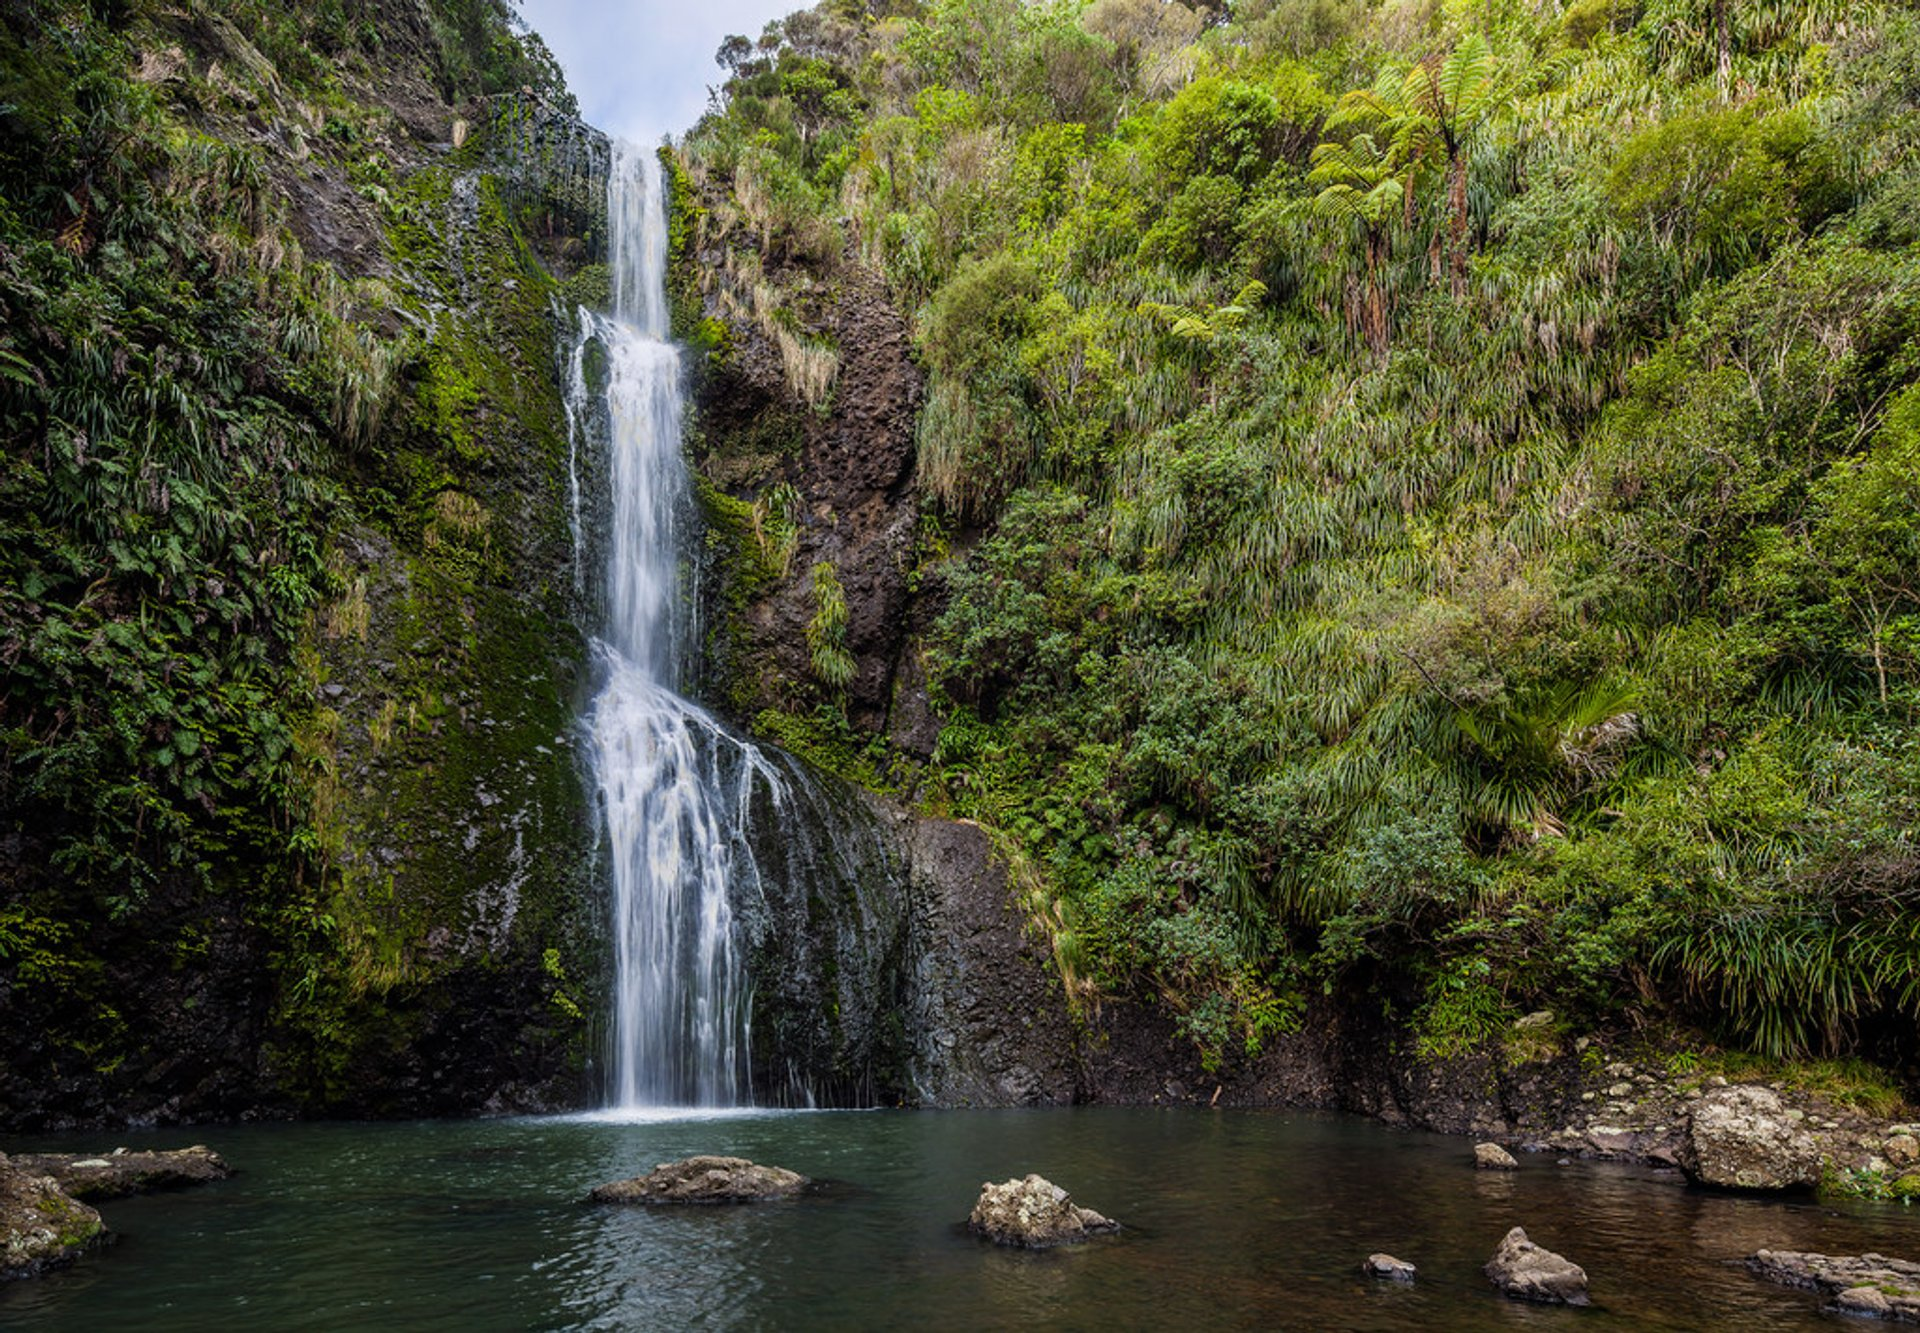 Kitekite Falls, Piha, Auckland 2019